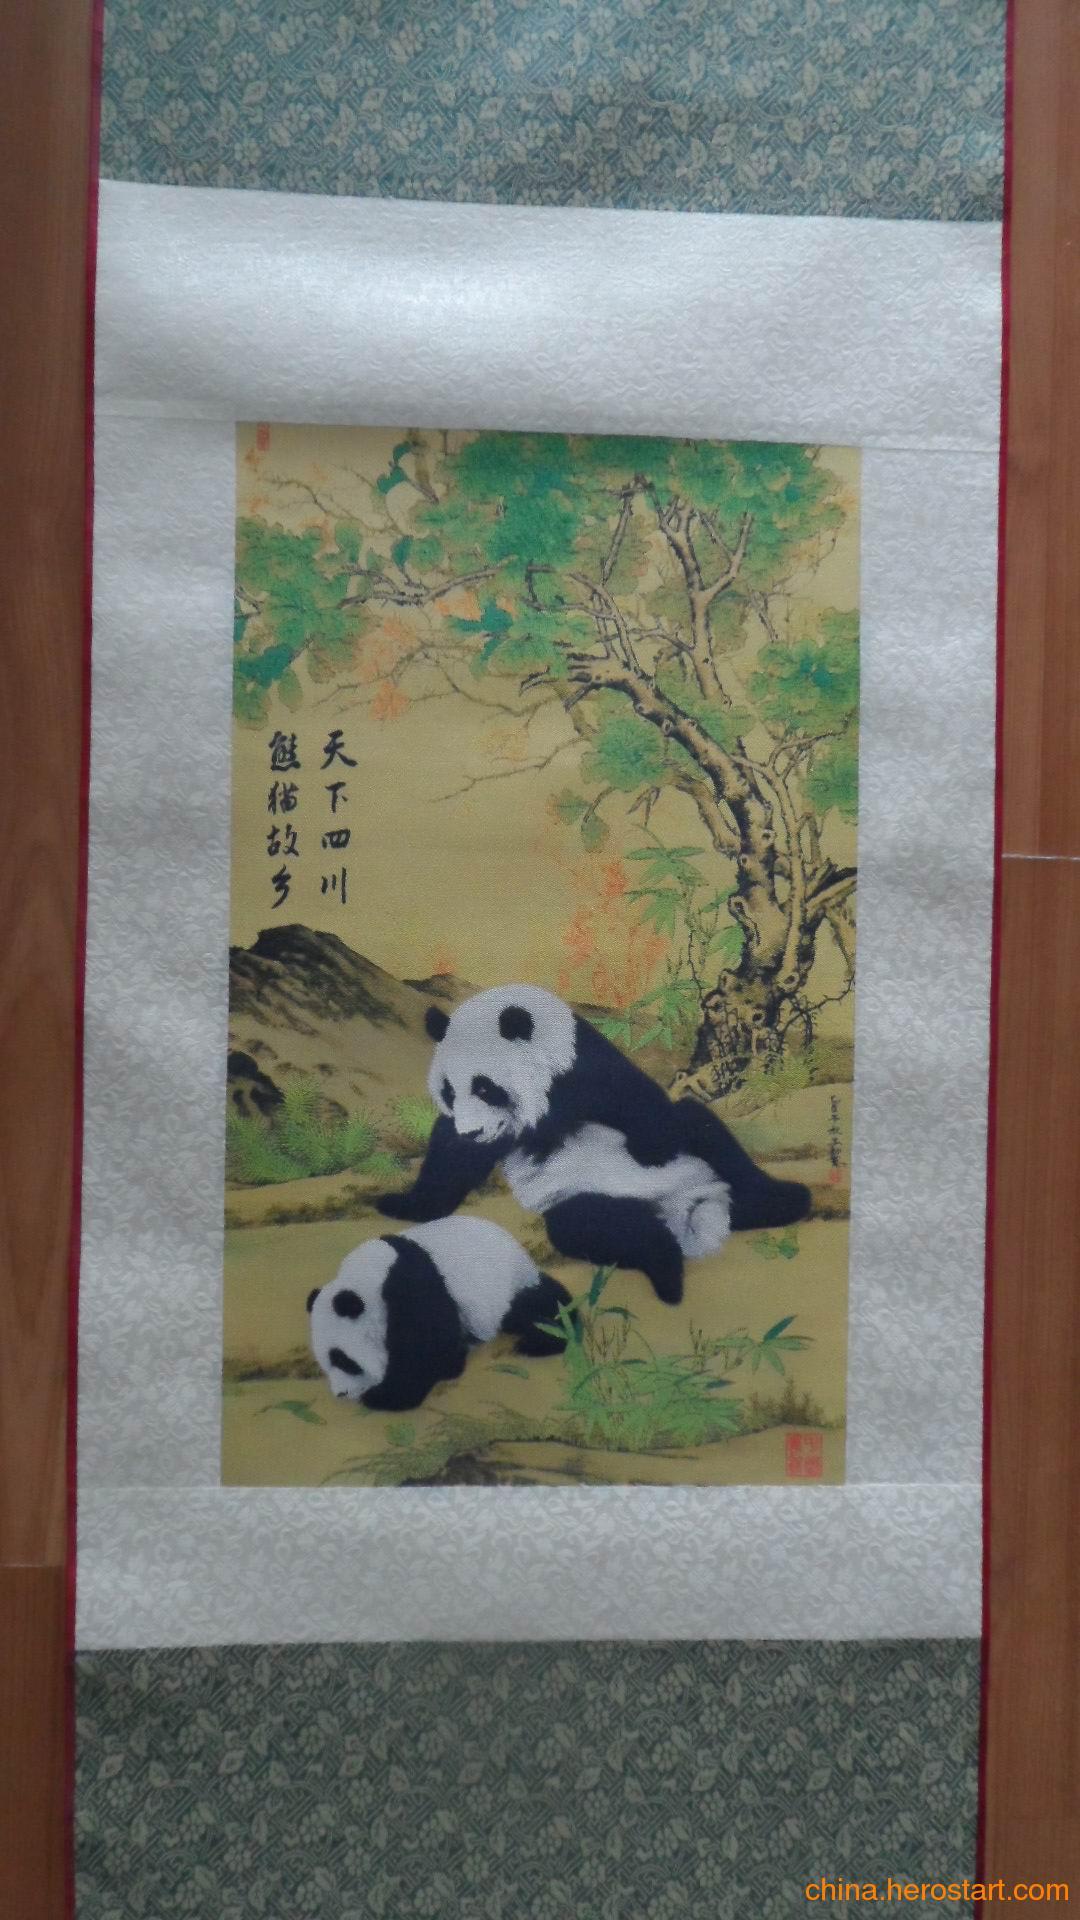 供应蜀锦蜀绣 蜀锦熊猫 天下四川 成都怡佳文化